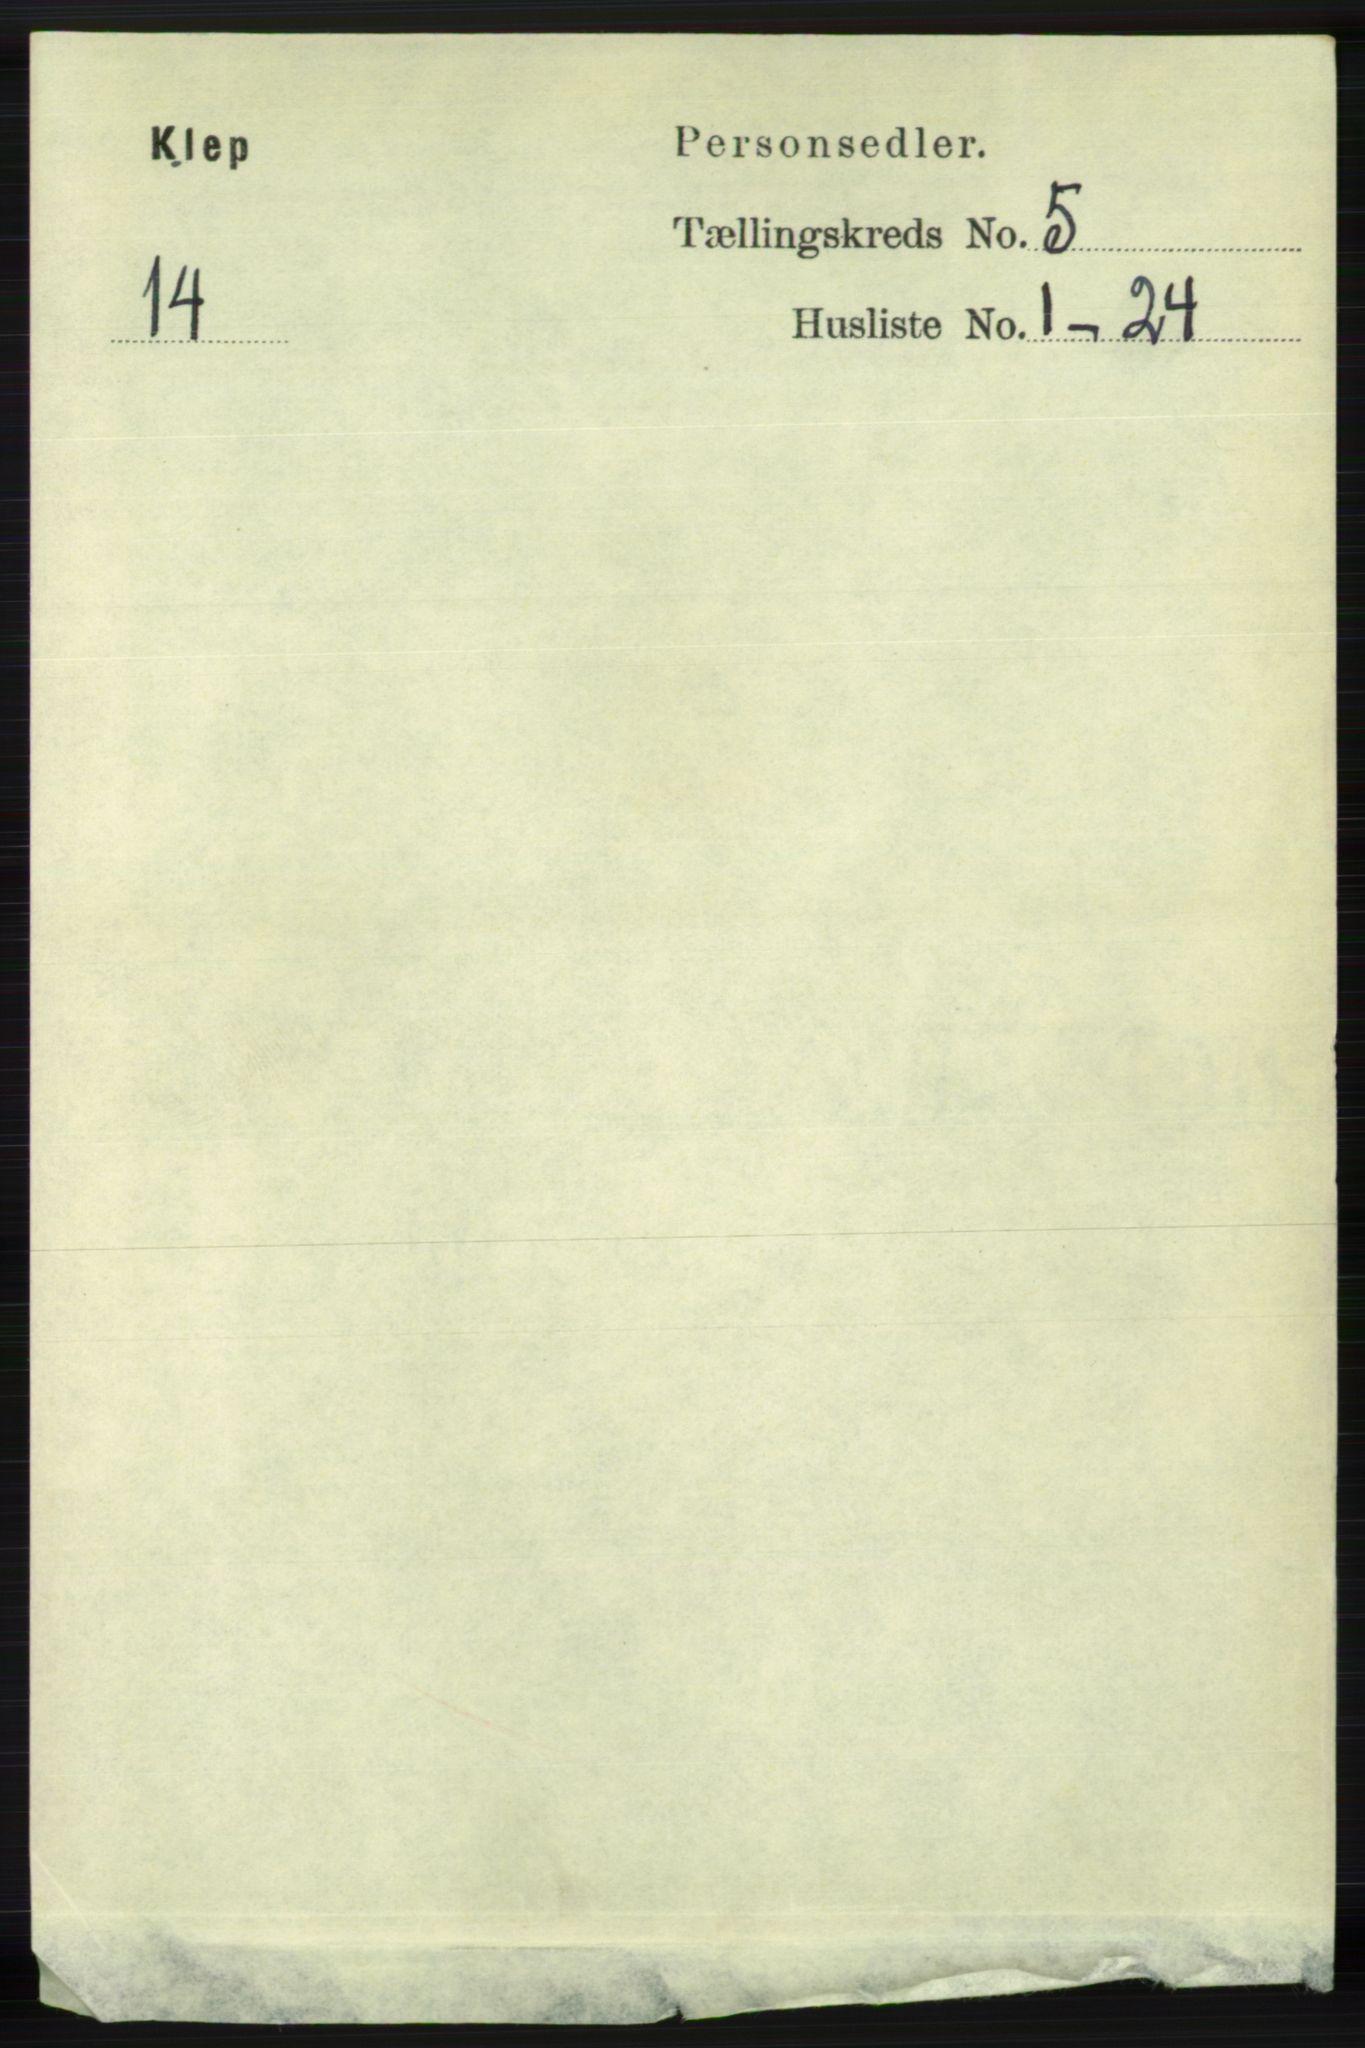 RA, Folketelling 1891 for 1120 Klepp herred, 1891, s. 1339